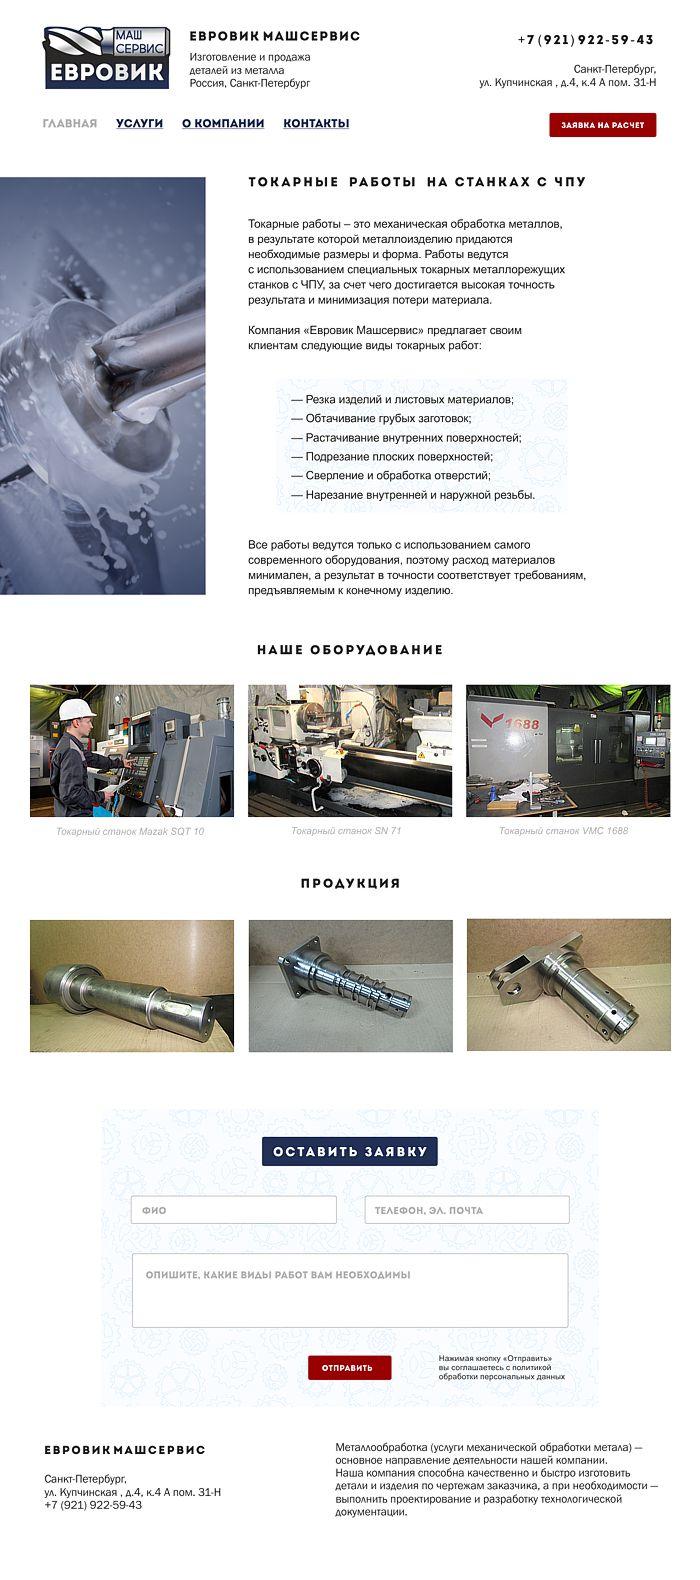 Дизайн сайта компании Евровик. Металлообработка, услуга